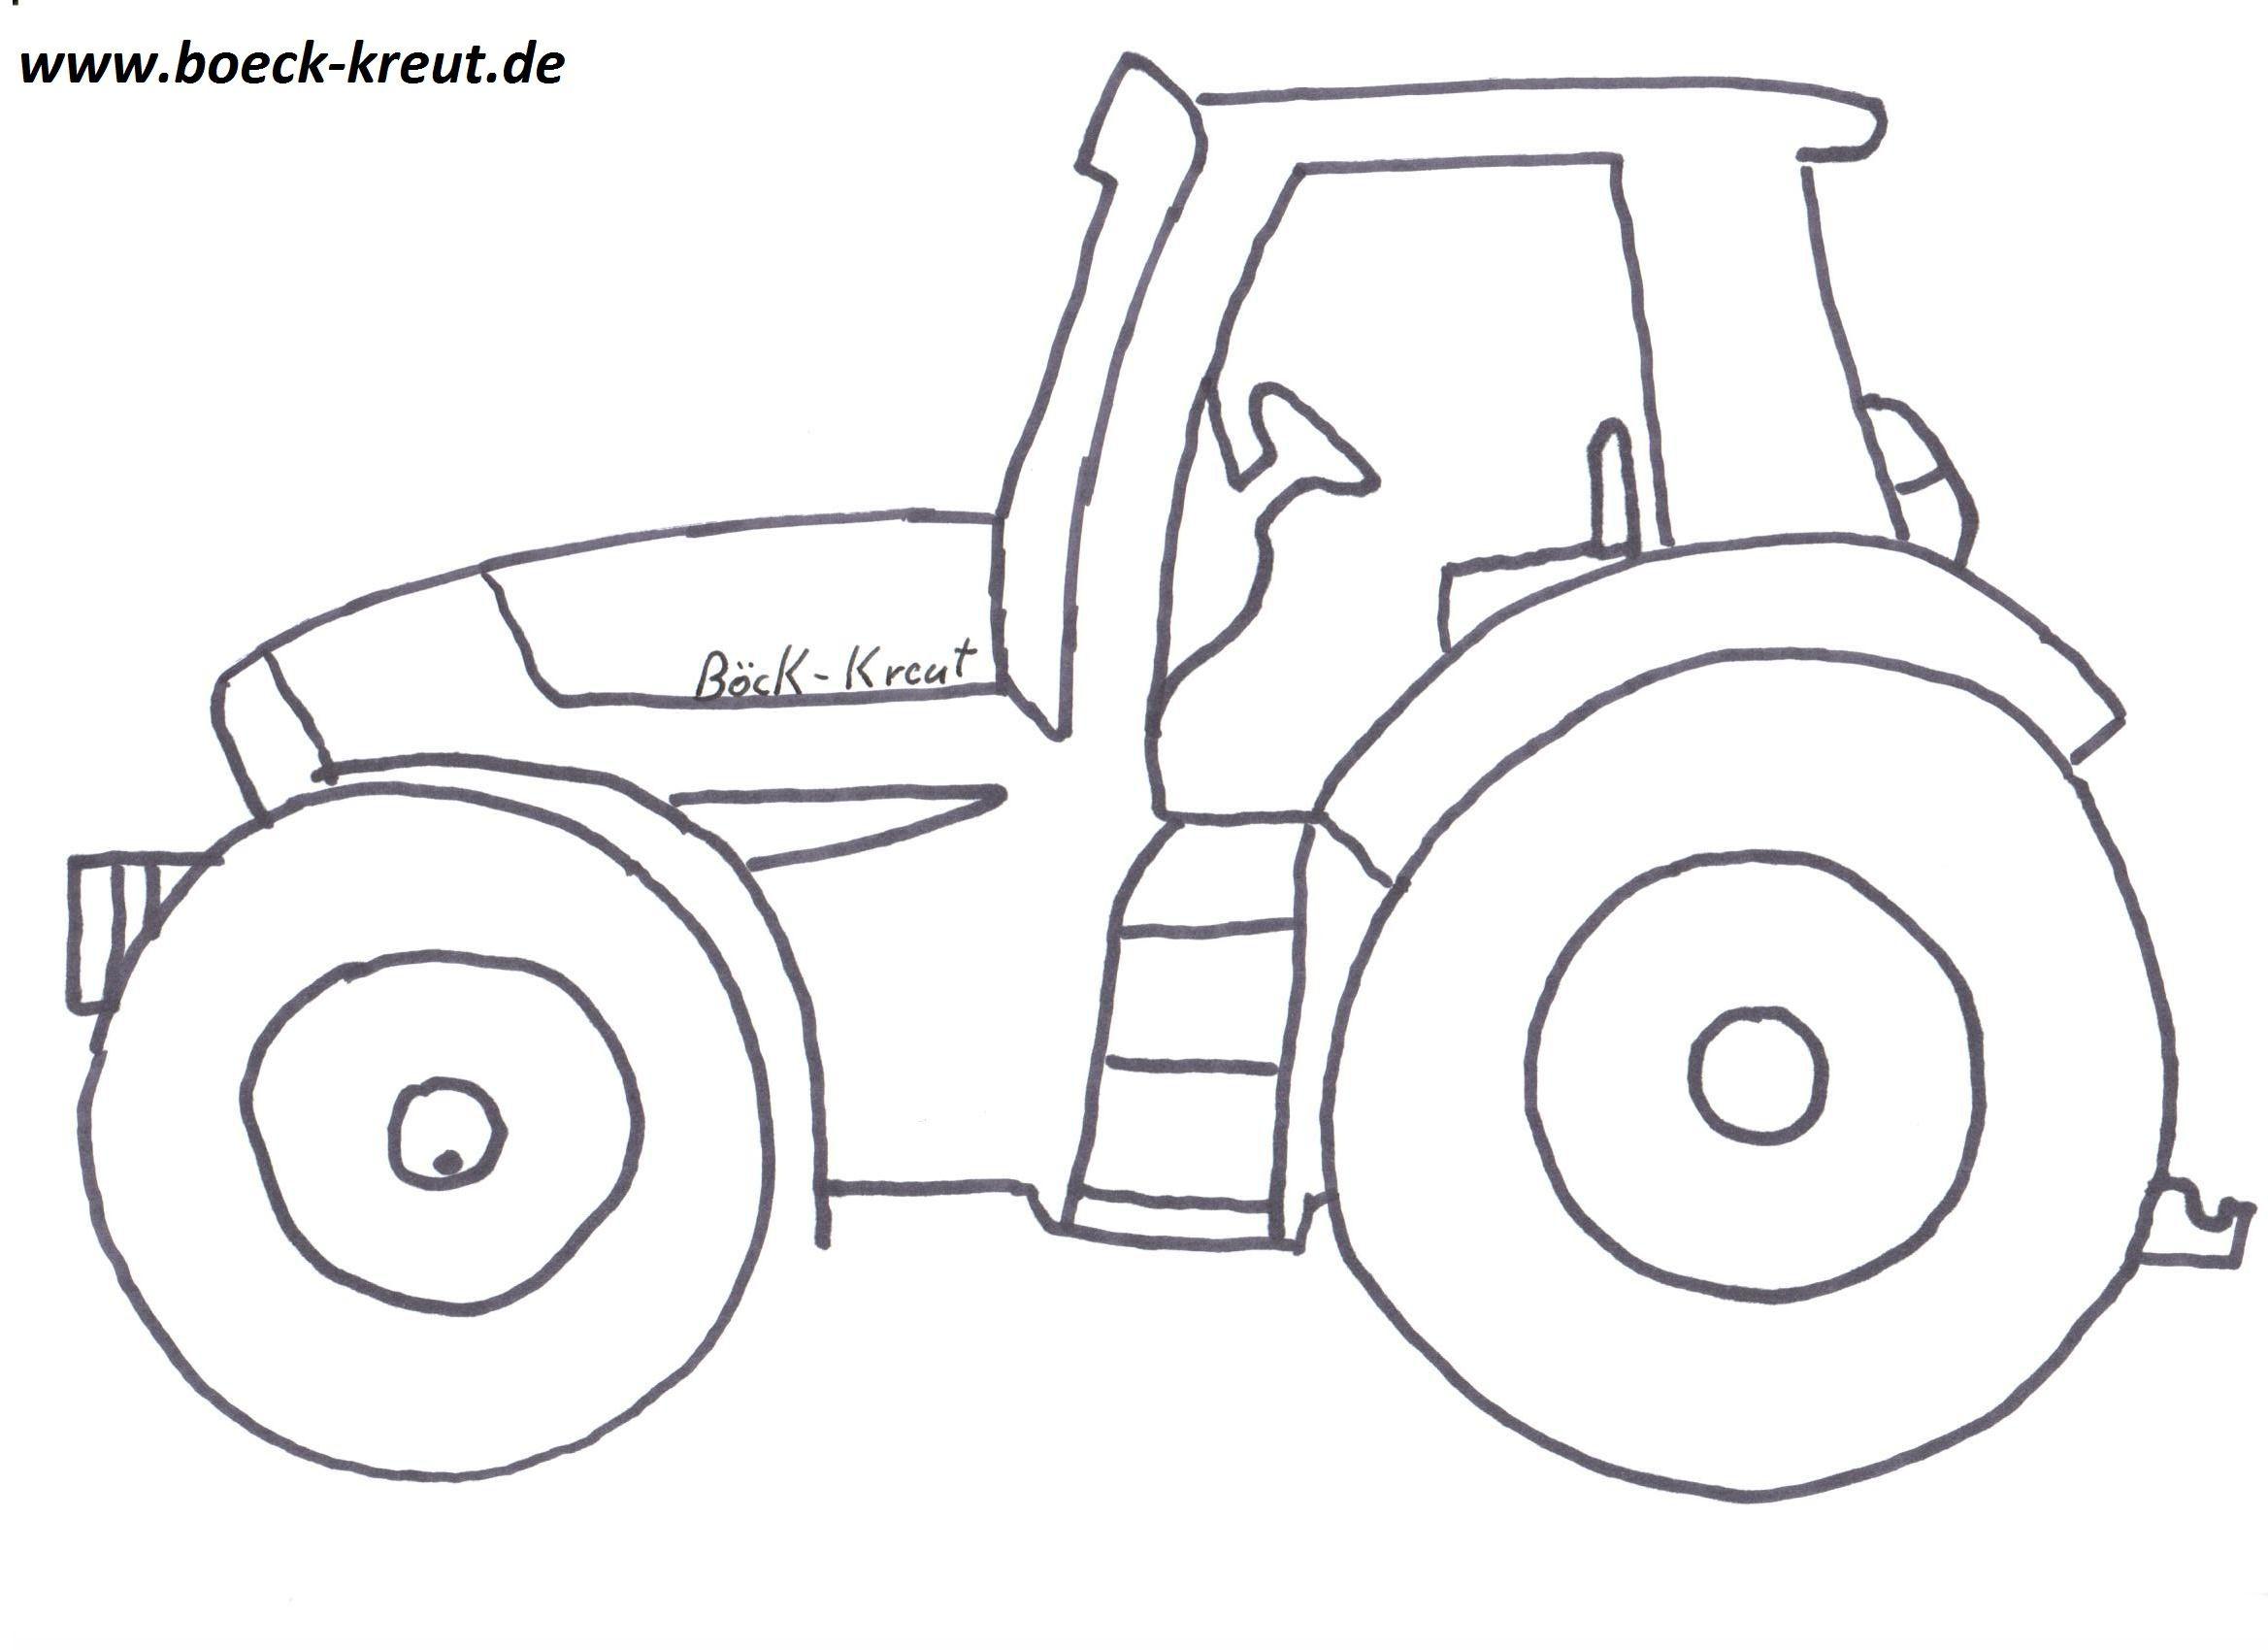 28 Traktor Bilder Zum Ausmalen - Besten Bilder von ausmalbilder